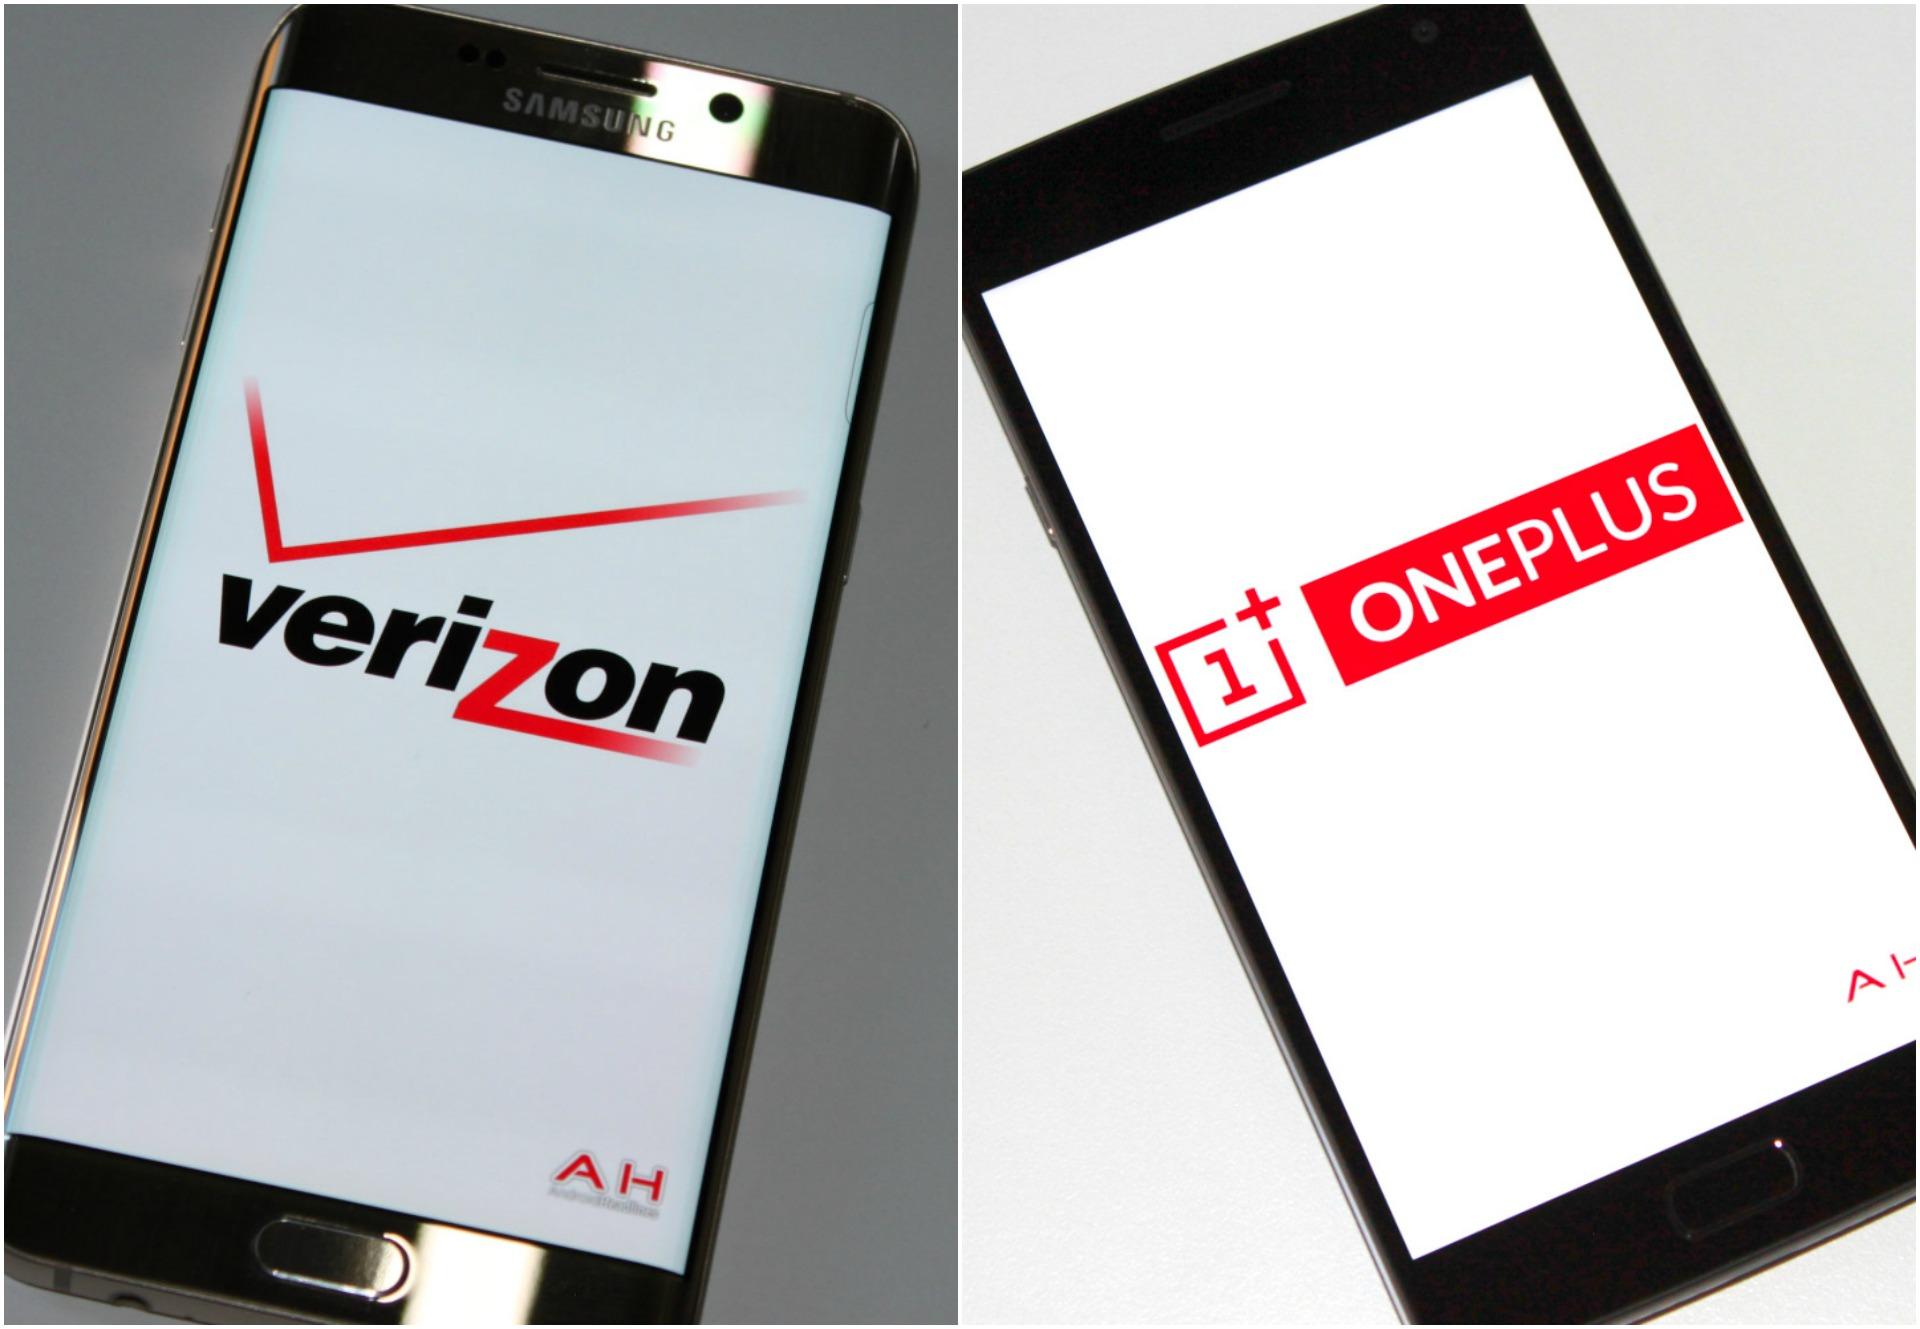 Verizon - OnePlus